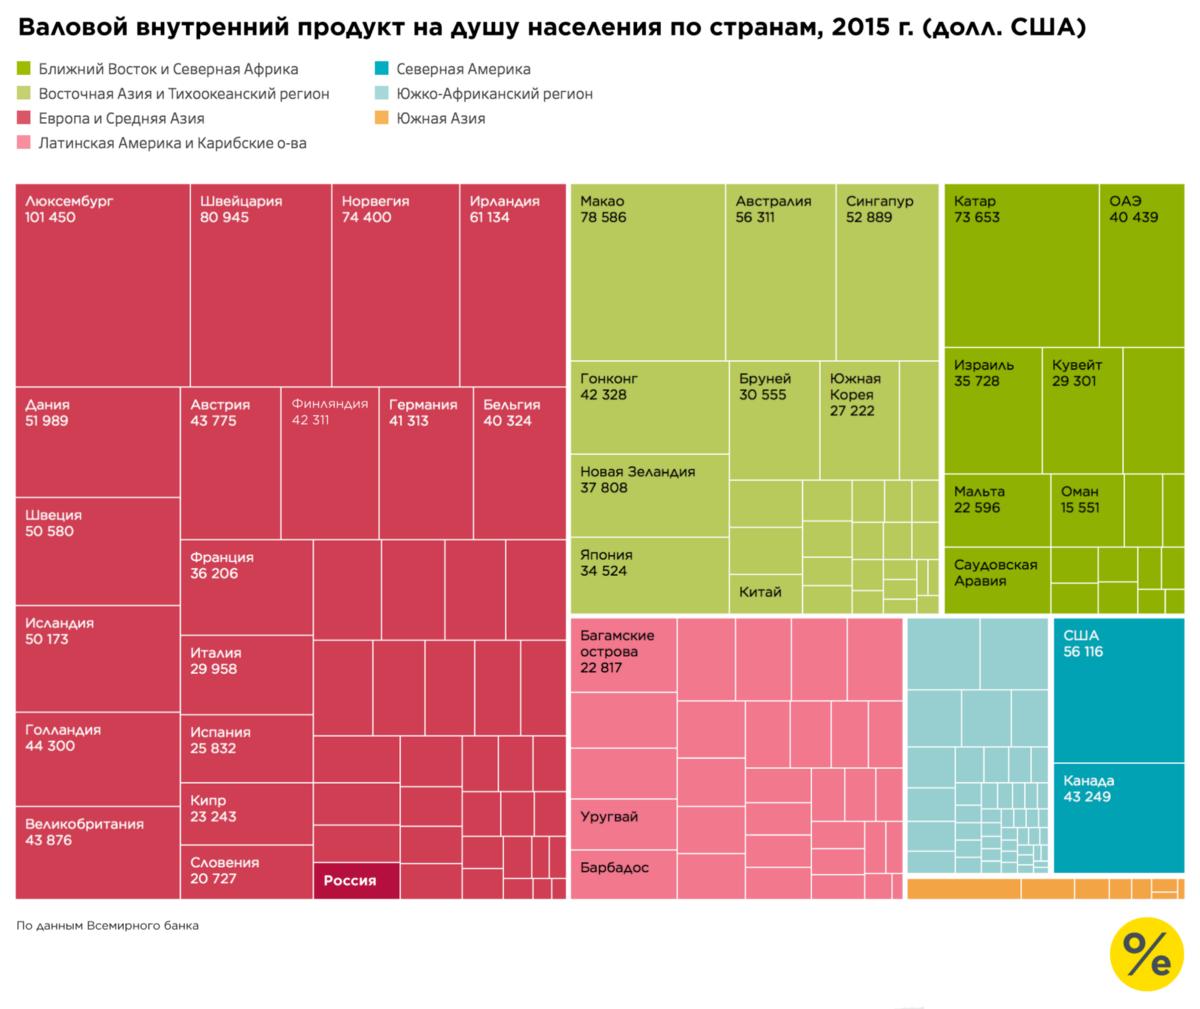 Насколько велика Россия на экономической карте мираIg